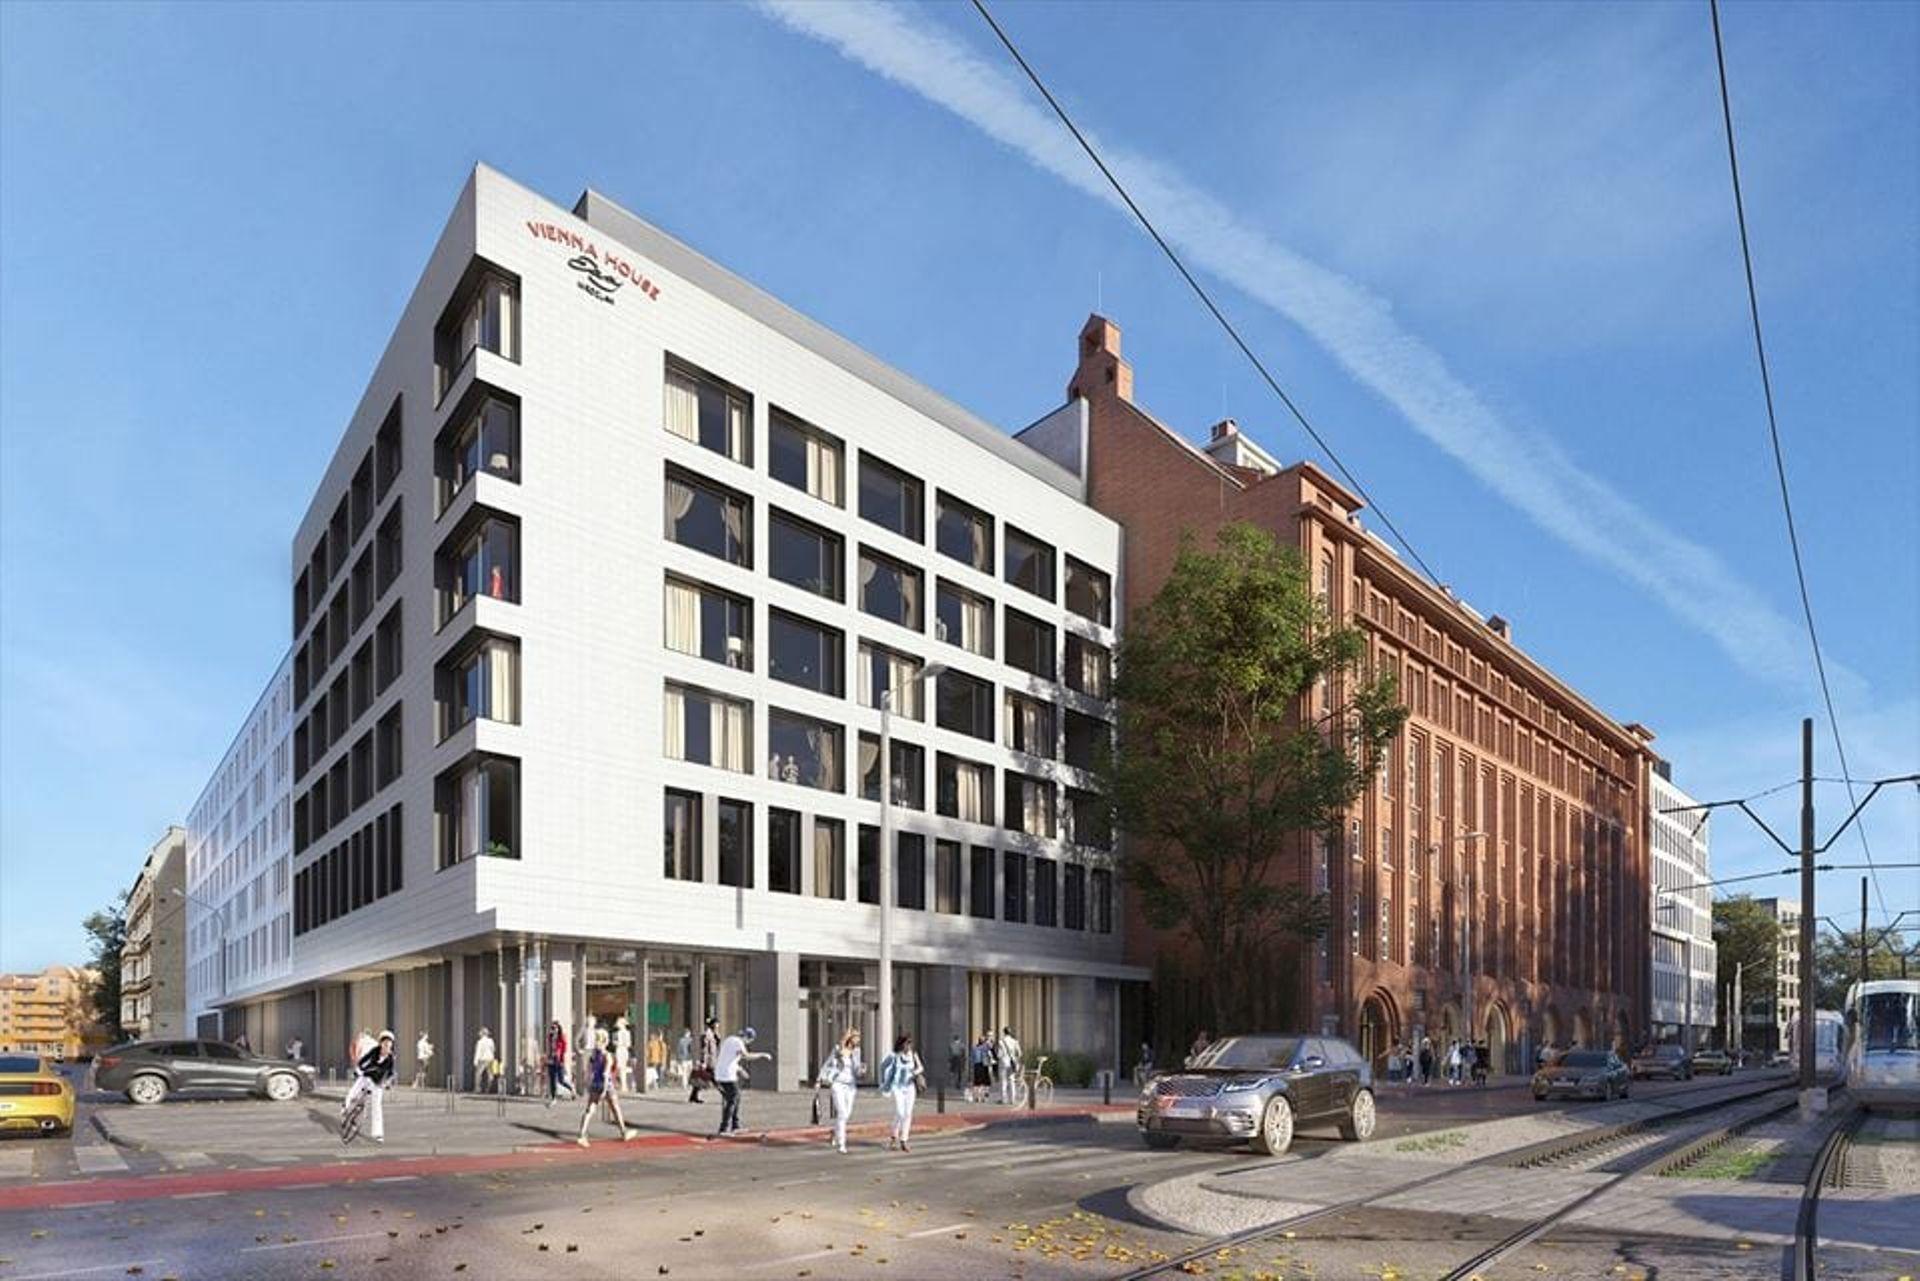 Umowa na budowę hotelu Vienna House Easy we Wrocławiu została rozwiązana